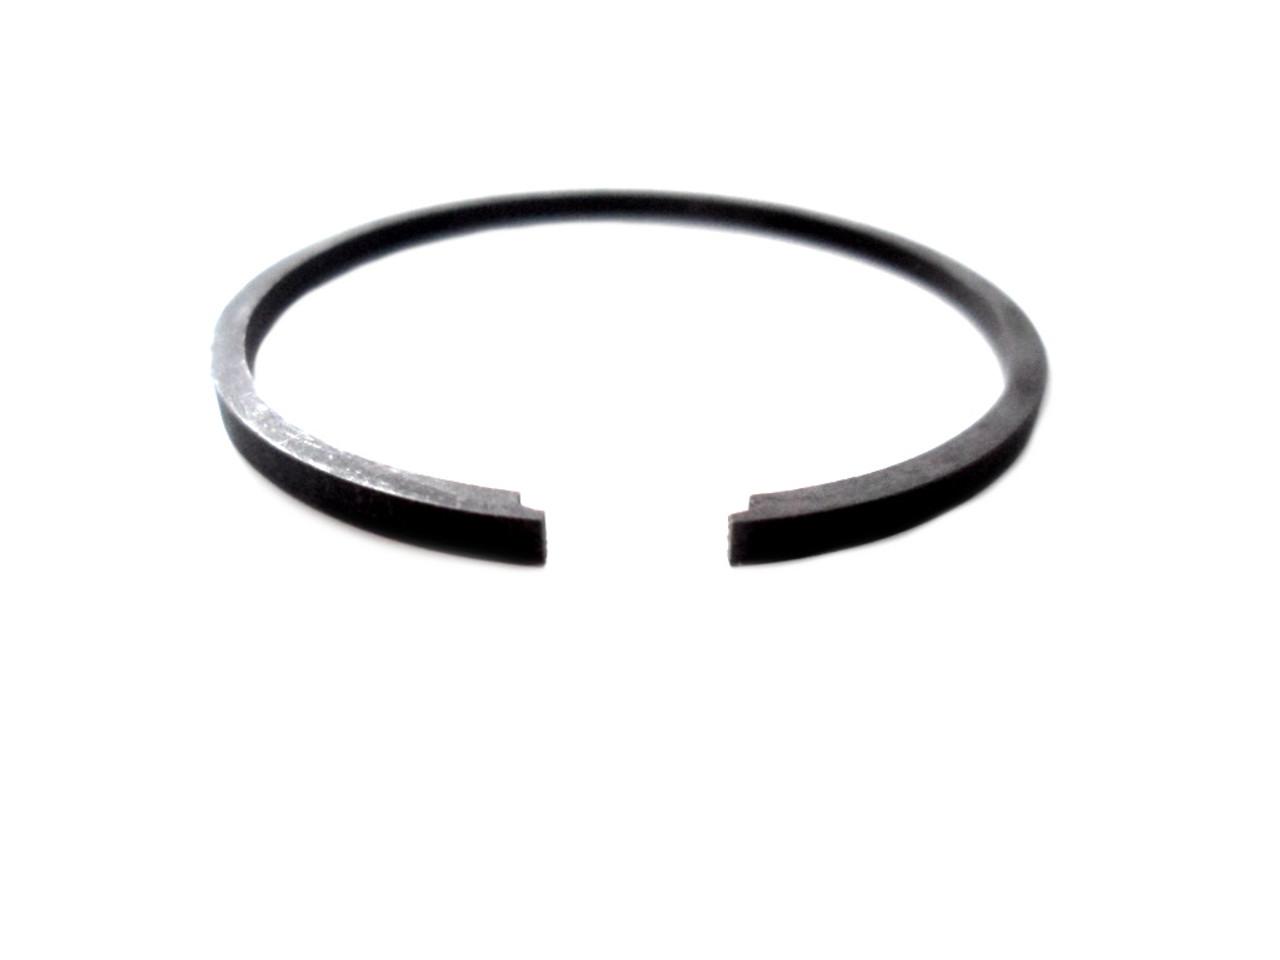 Motobecane AV7 / AV10 Moped Piston Ring - 39mm x 2mm GI Style